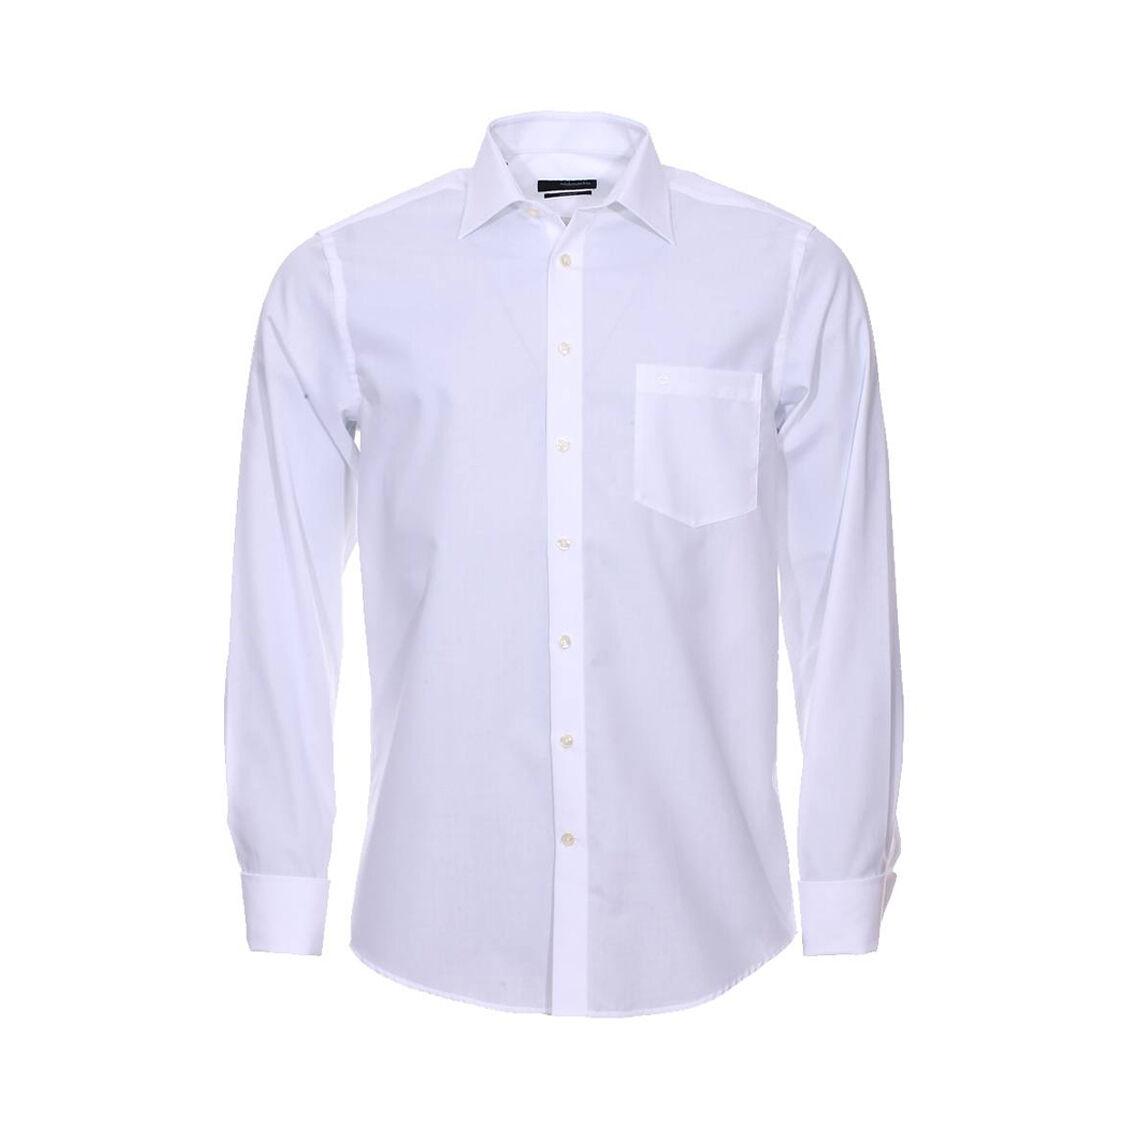 Seidensticker Chemise droite Seidensticker en coton blanc à poignets mousquetaires Sans repassage - BLANC - 46